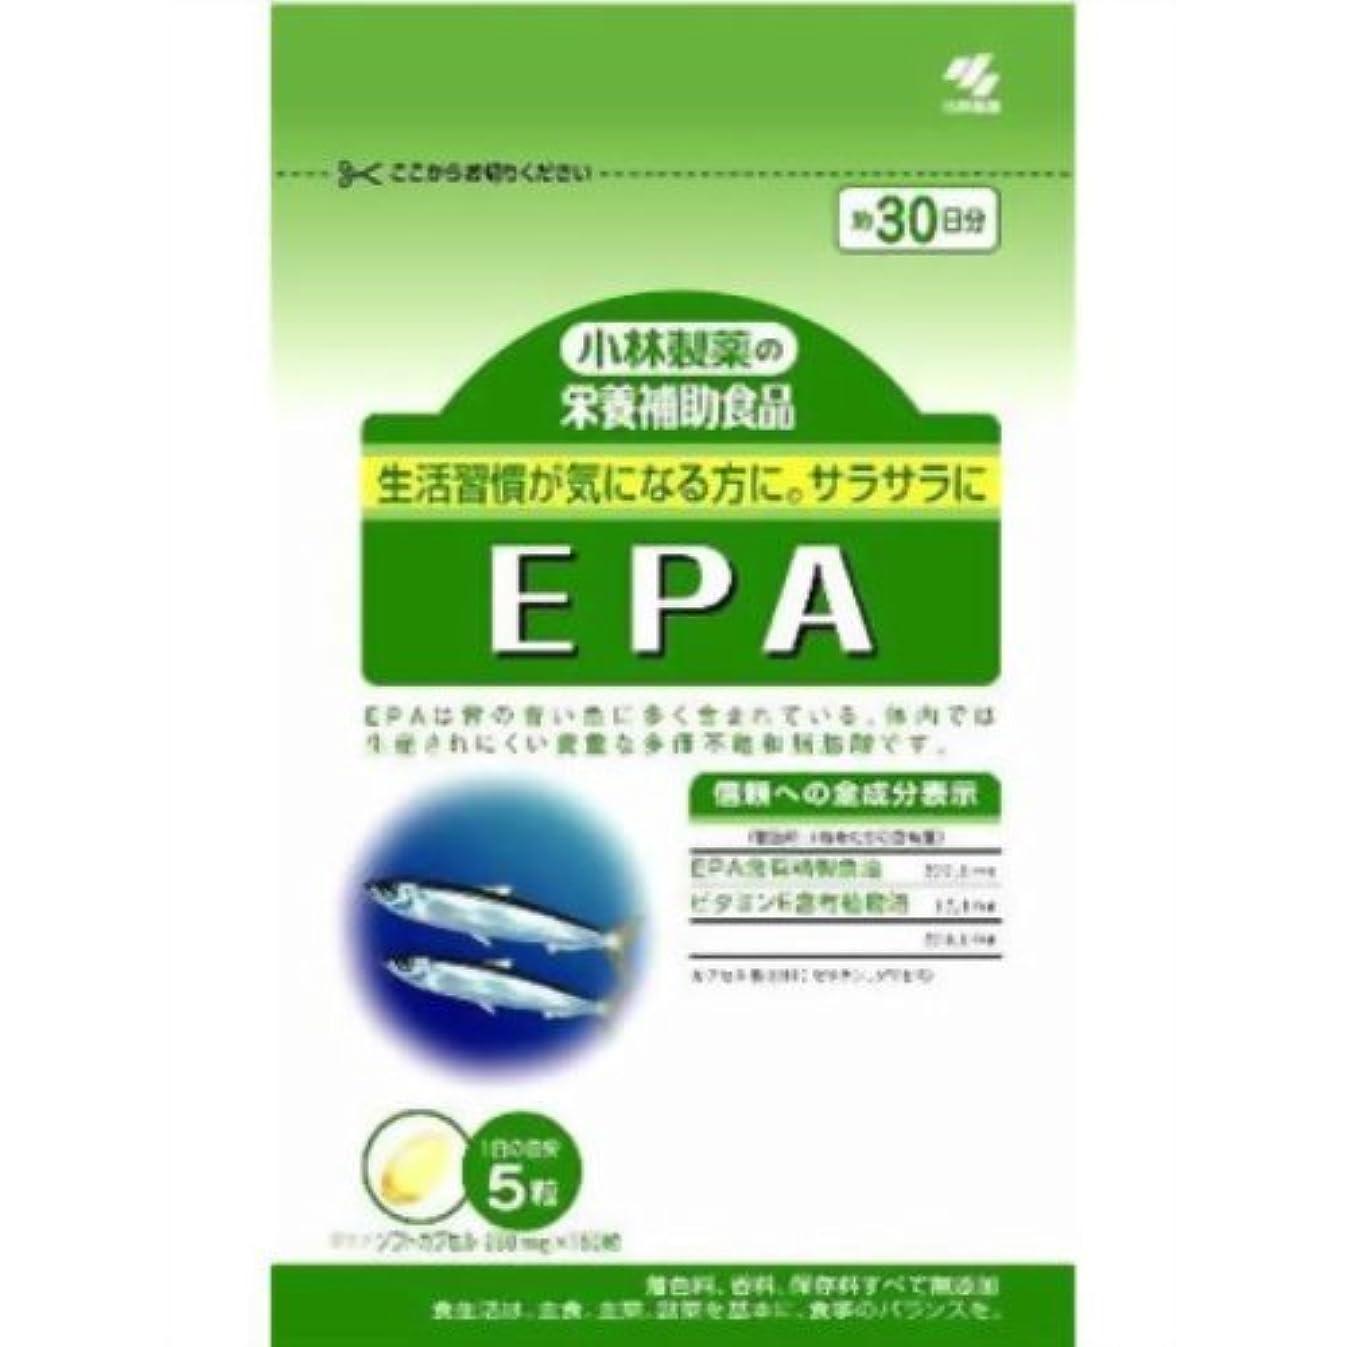 フルーティー泣き叫ぶファンド小林製薬EPA 150粒×(6セット)